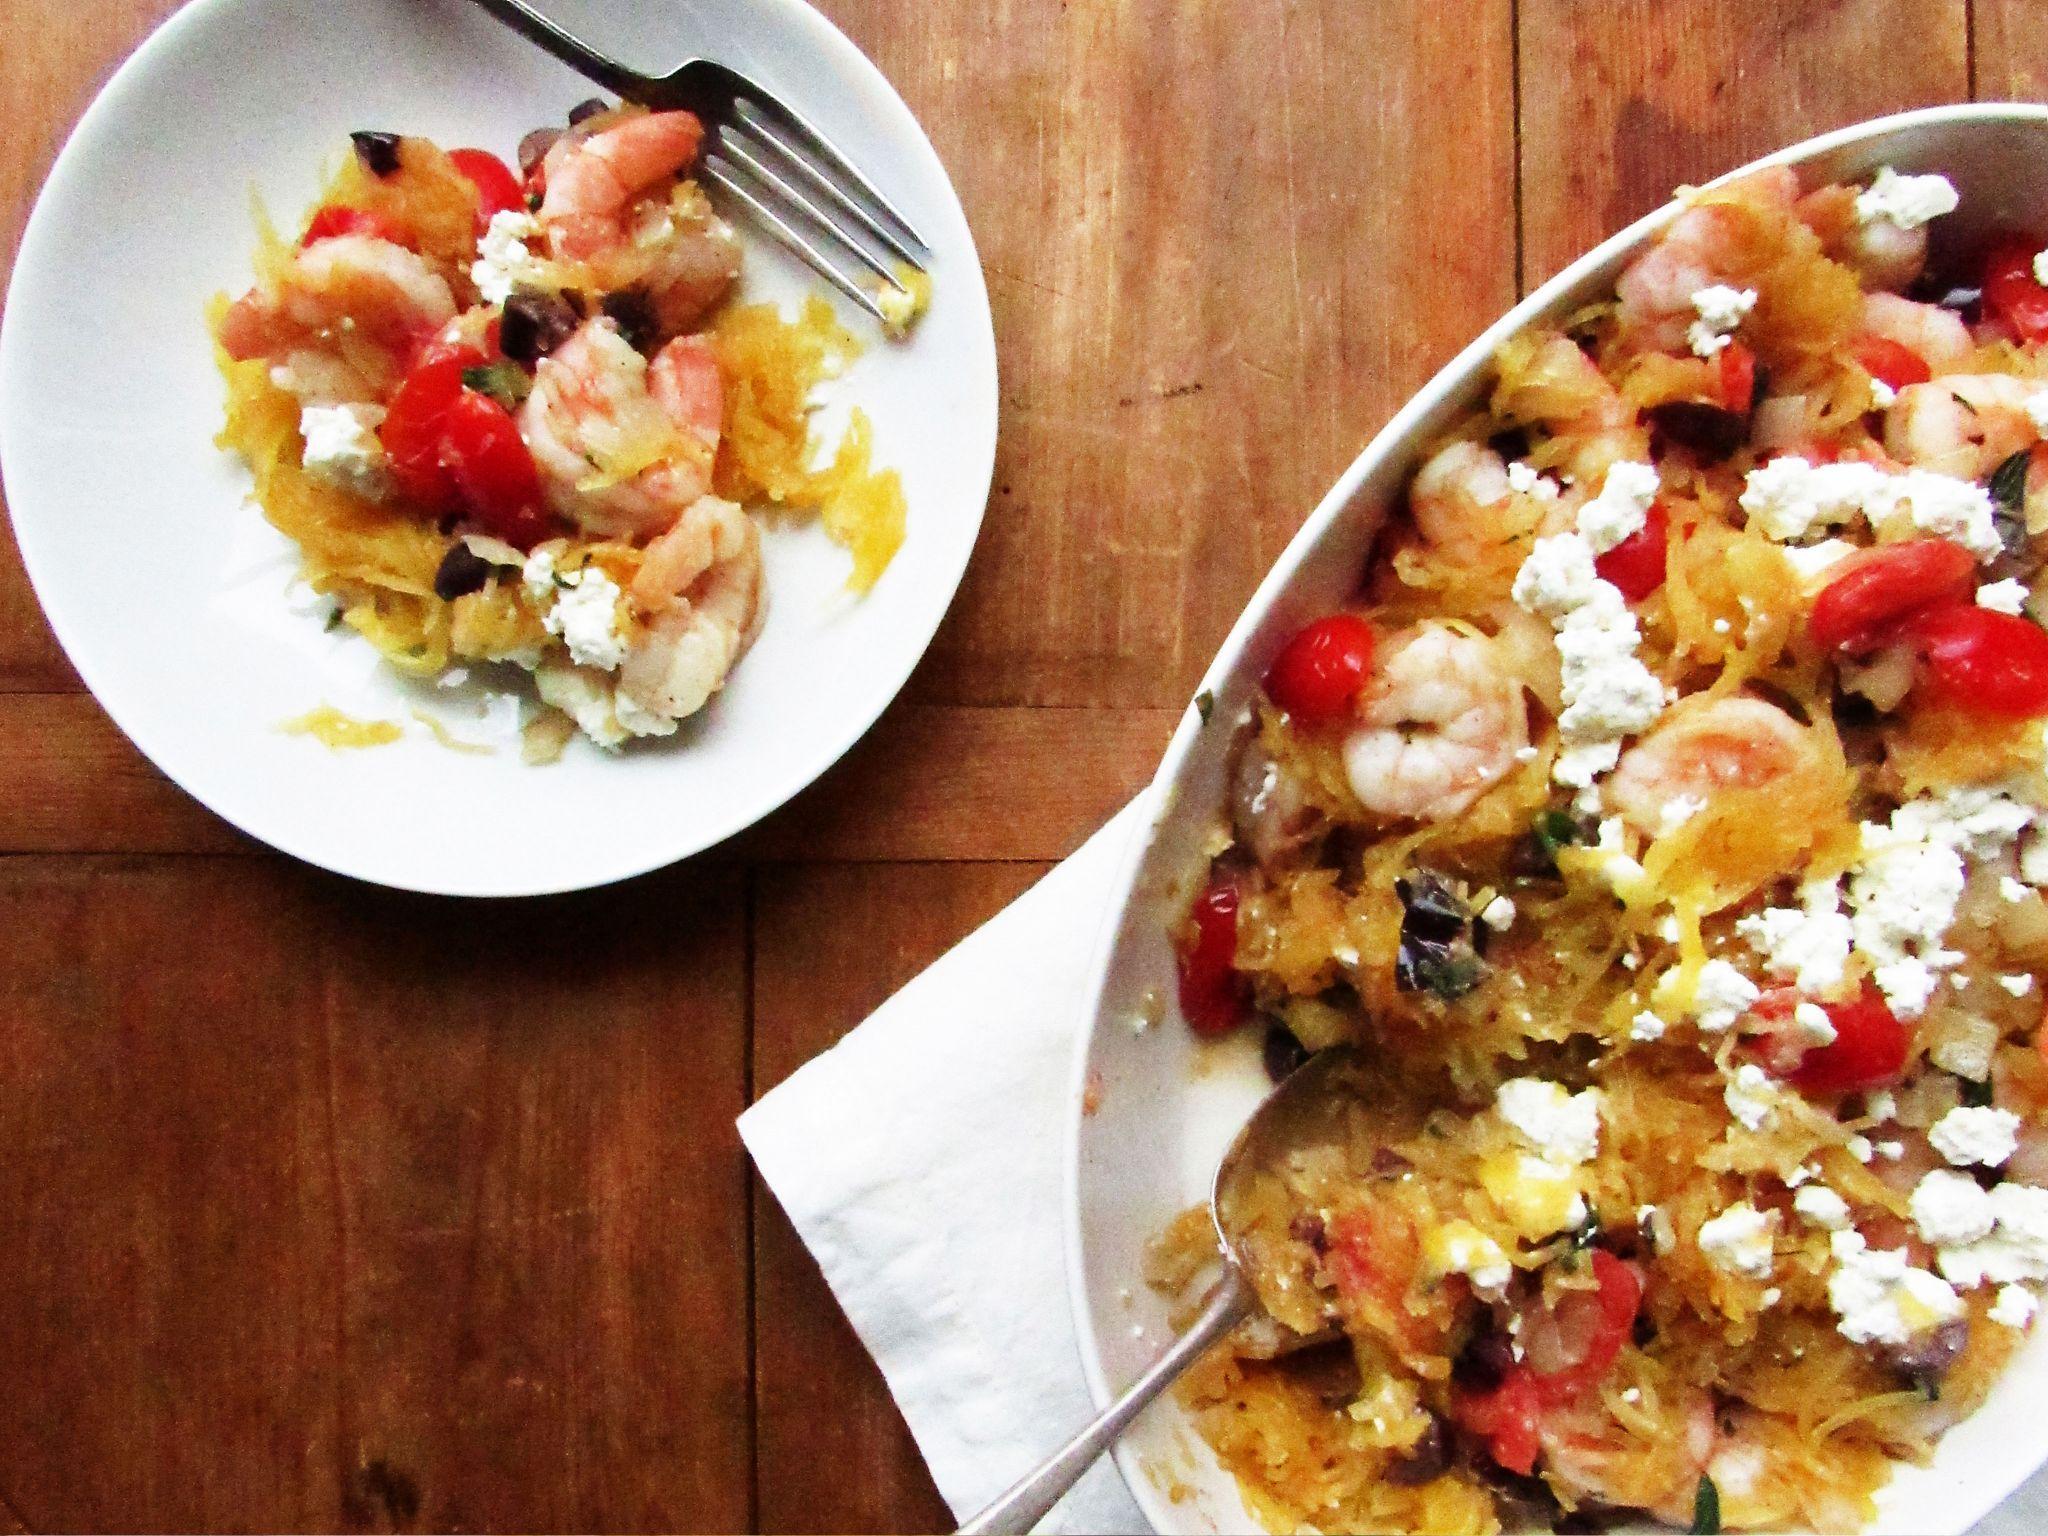 Greek style spaghetti squash with shrimp recipe greek recipes greek style spaghetti squash with shrimp forumfinder Choice Image